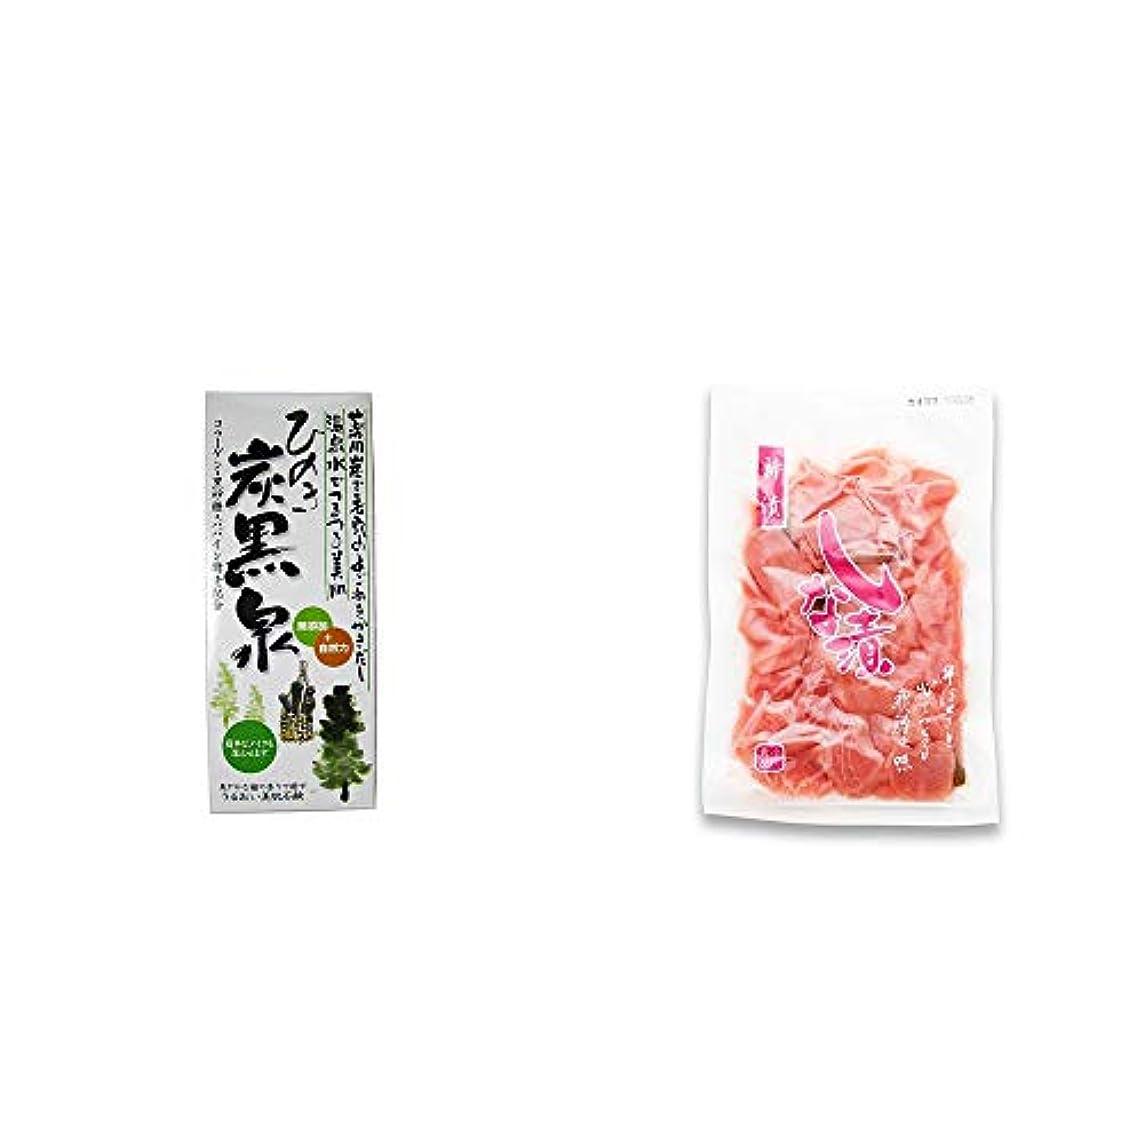 香港麦芽高度な[2点セット] ひのき炭黒泉 箱入り(75g×3)・しな漬け(160g)